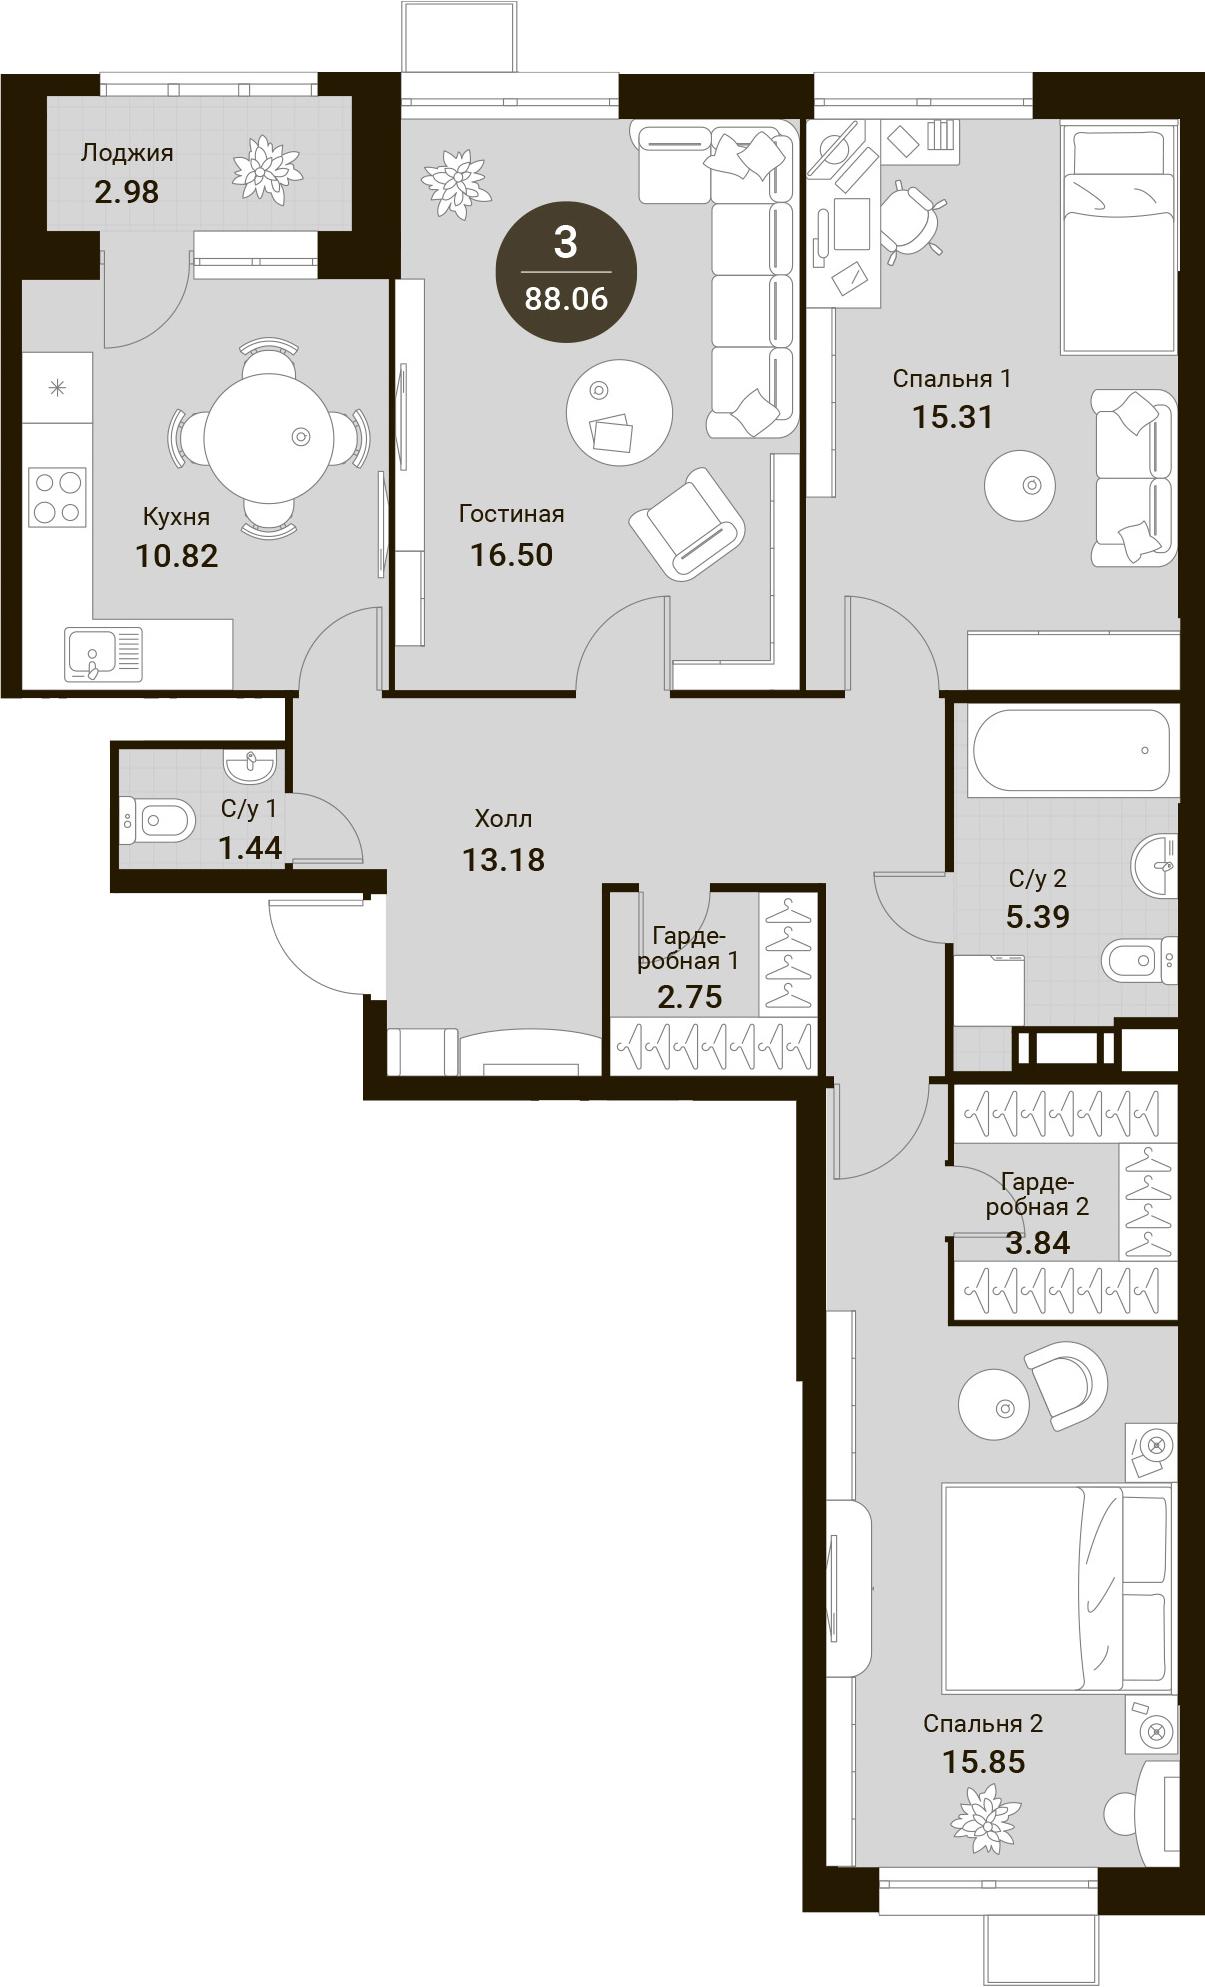 3-комнатная, 88.06 м²– 2